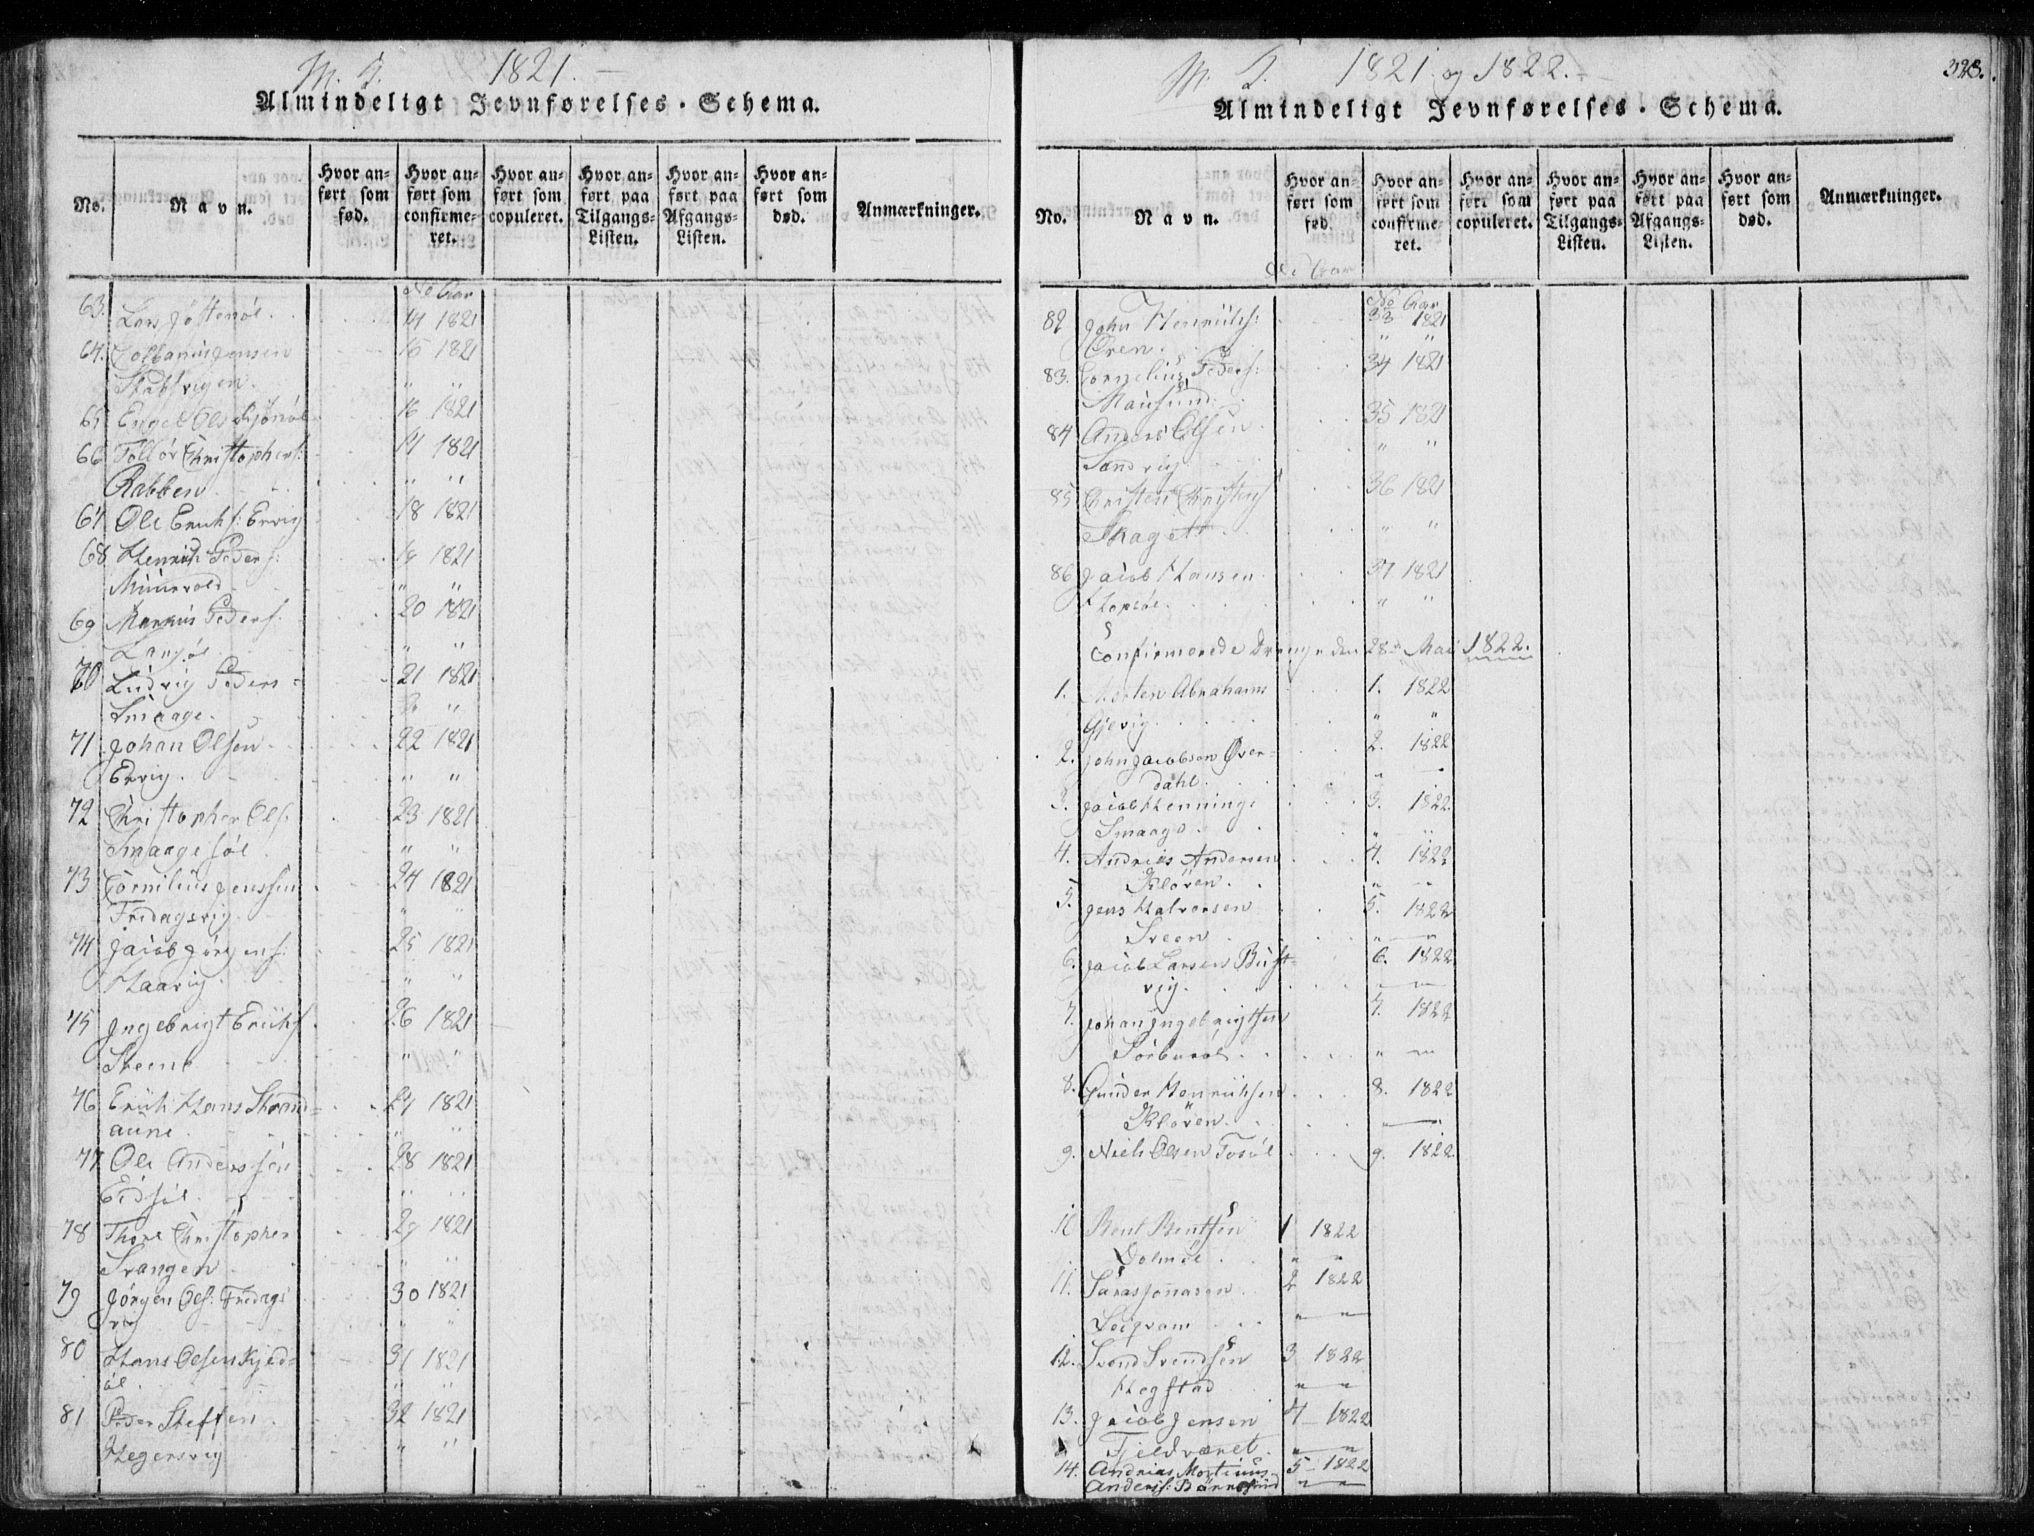 SAT, Ministerialprotokoller, klokkerbøker og fødselsregistre - Sør-Trøndelag, 634/L0527: Ministerialbok nr. 634A03, 1818-1826, s. 328